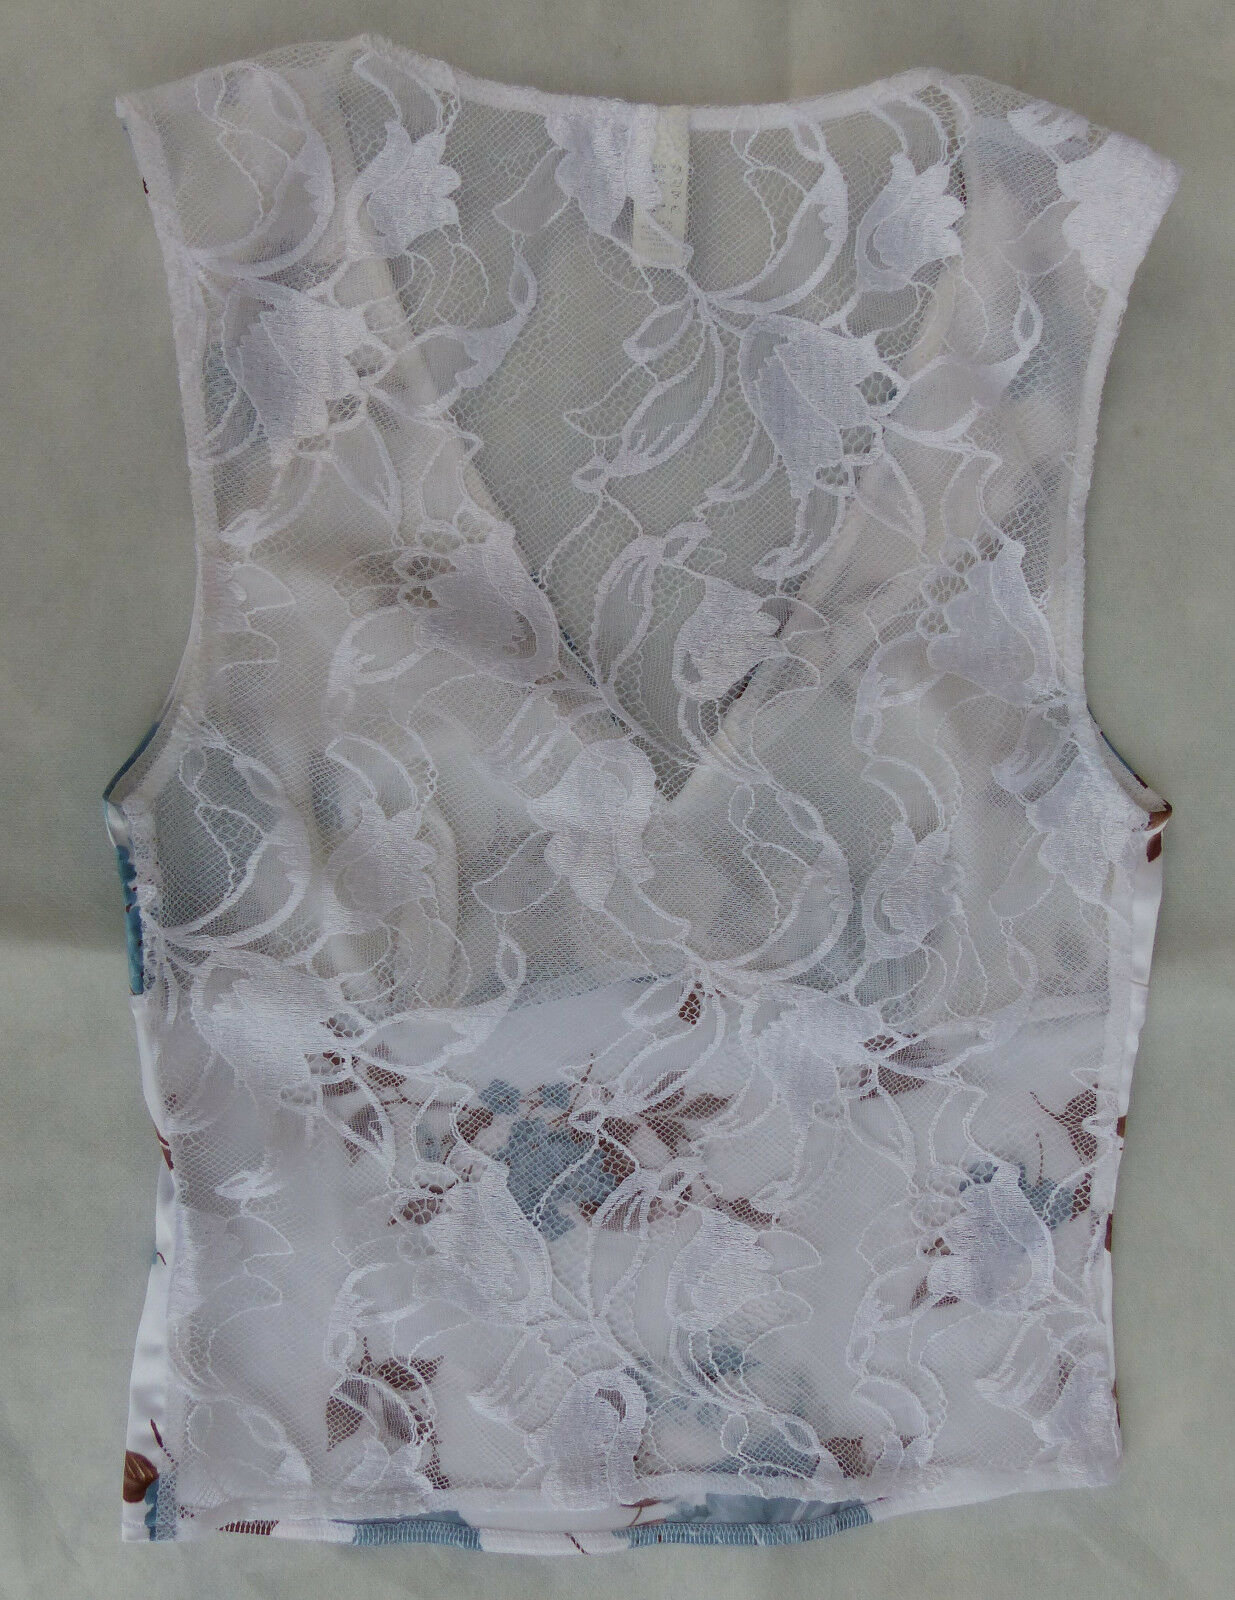 La Perla Top Smanicato con Pizzo, Pizzo, Pizzo, Tg. 34, Bianca Blu Marronee, indossato poco, MERCE NUOVA c158e5